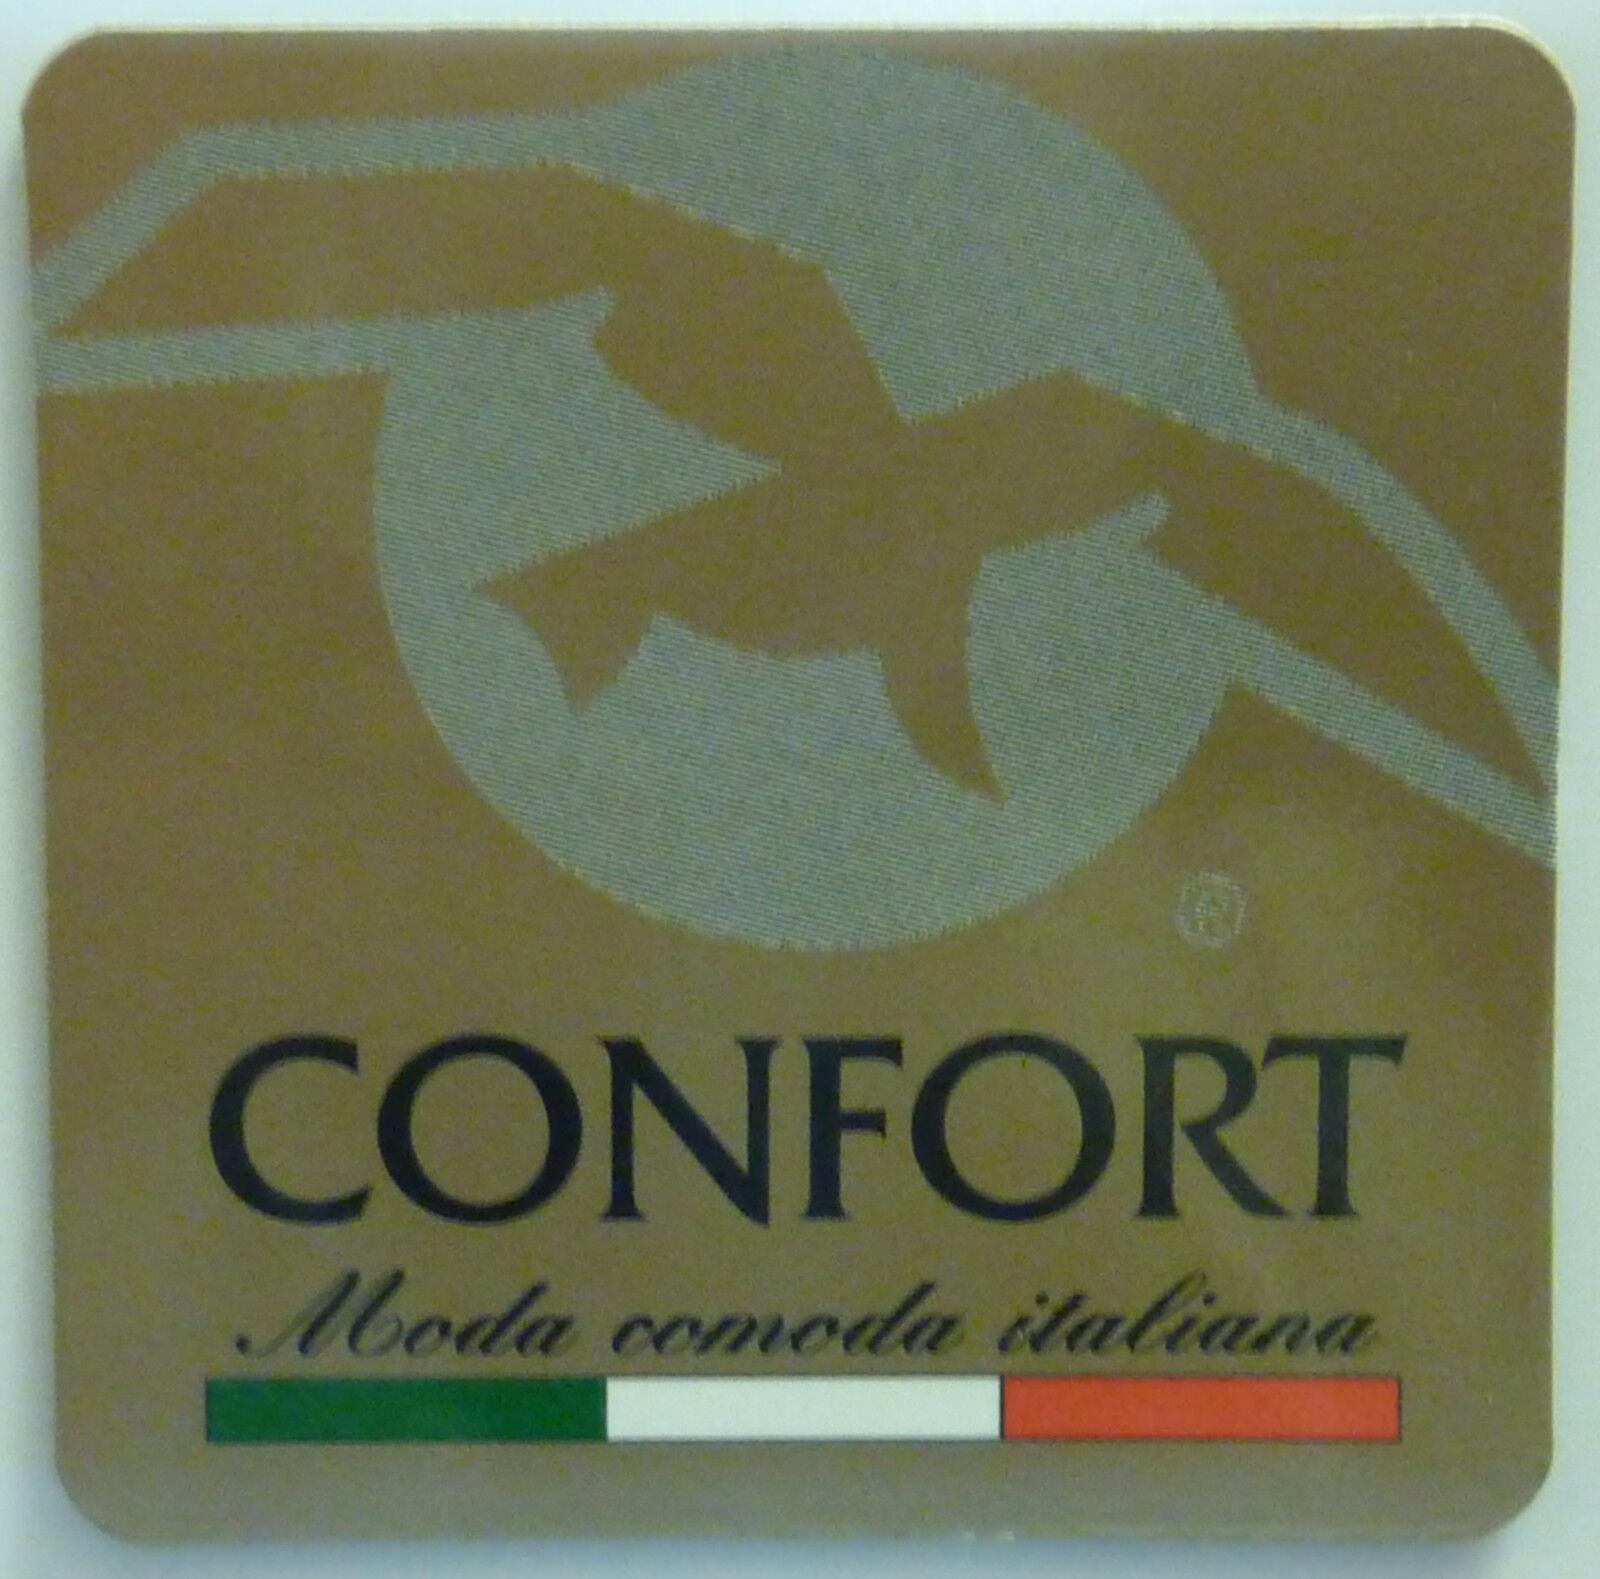 Schuhe Damens CONFORT IN VERNICE  MARRONE E NABUK MARRONE  CALDO INVERNO MORBIDE  n. 37 501f0b